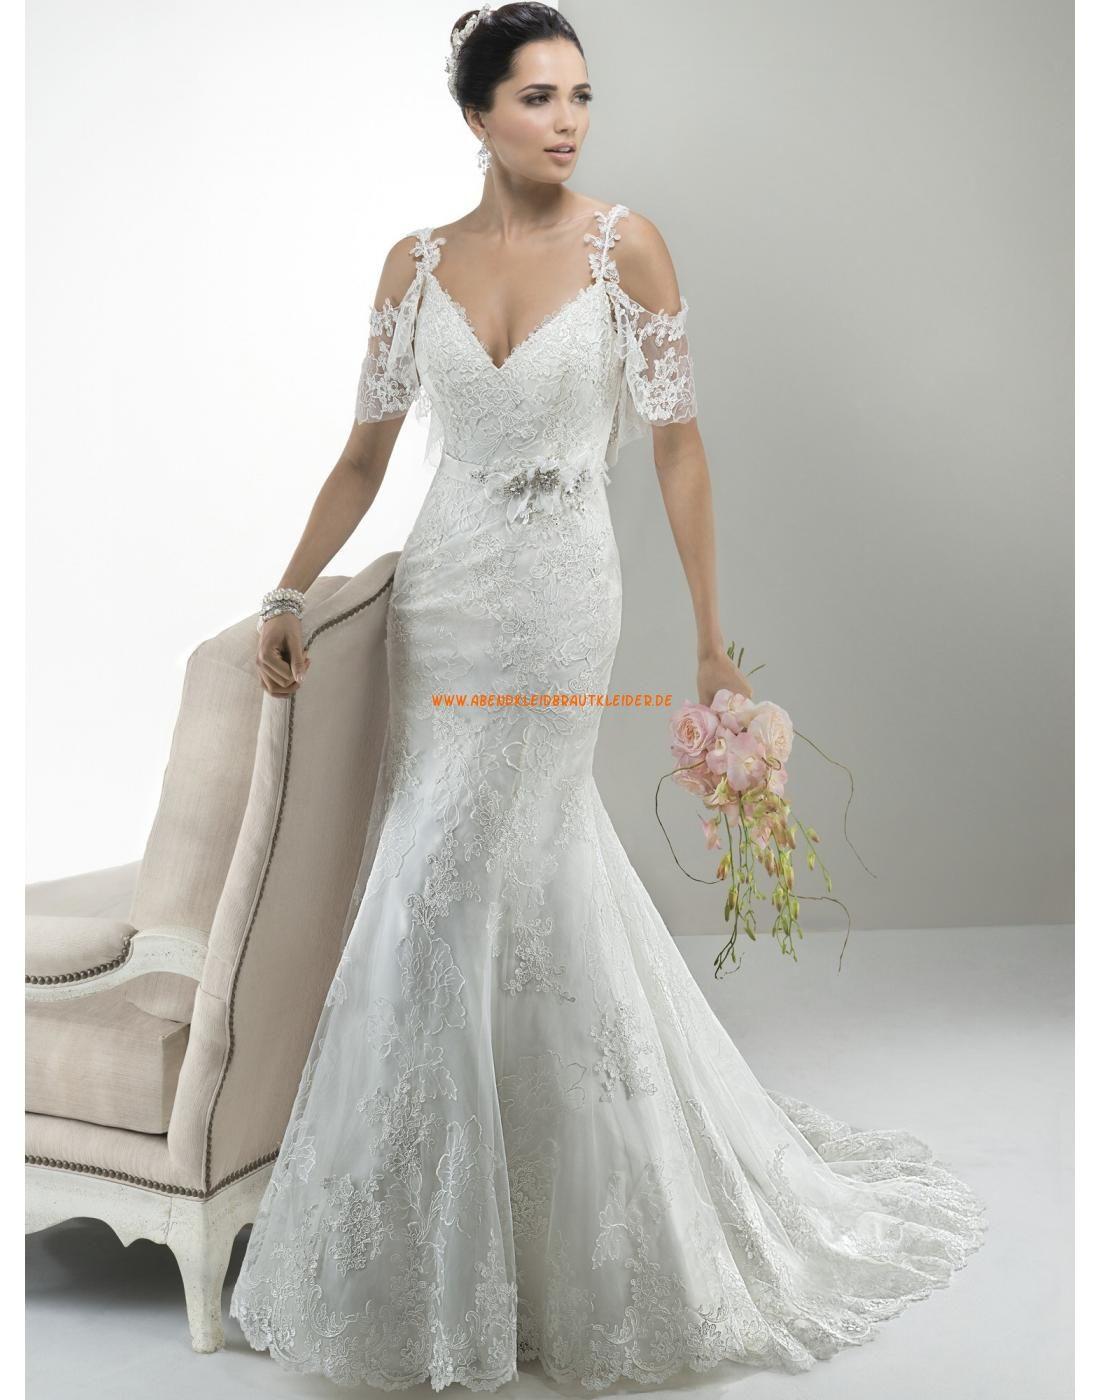 Maggie Sottero Meerjungfrau Schöne Elegante Brautkleider aus